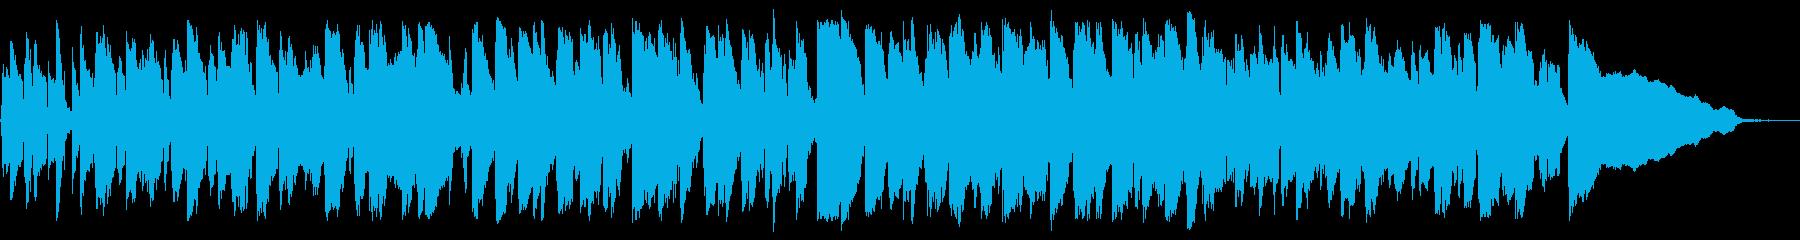 ドイツスタイルの「Oom-Pa」イ...の再生済みの波形